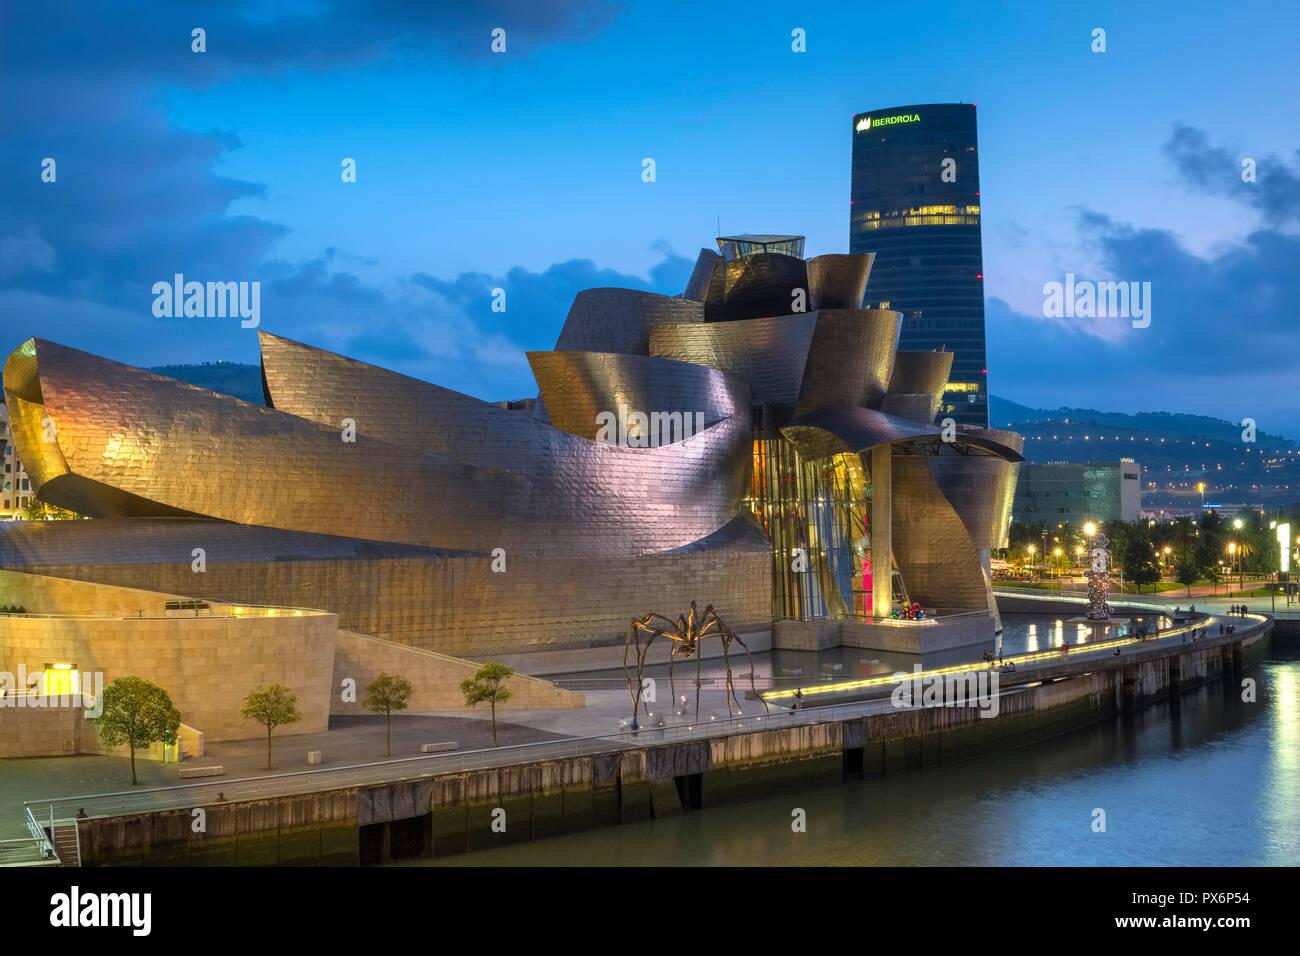 Il Museo Guggenheim e spider arte, Bilbao, Spagna, Europa di notte Foto Stock